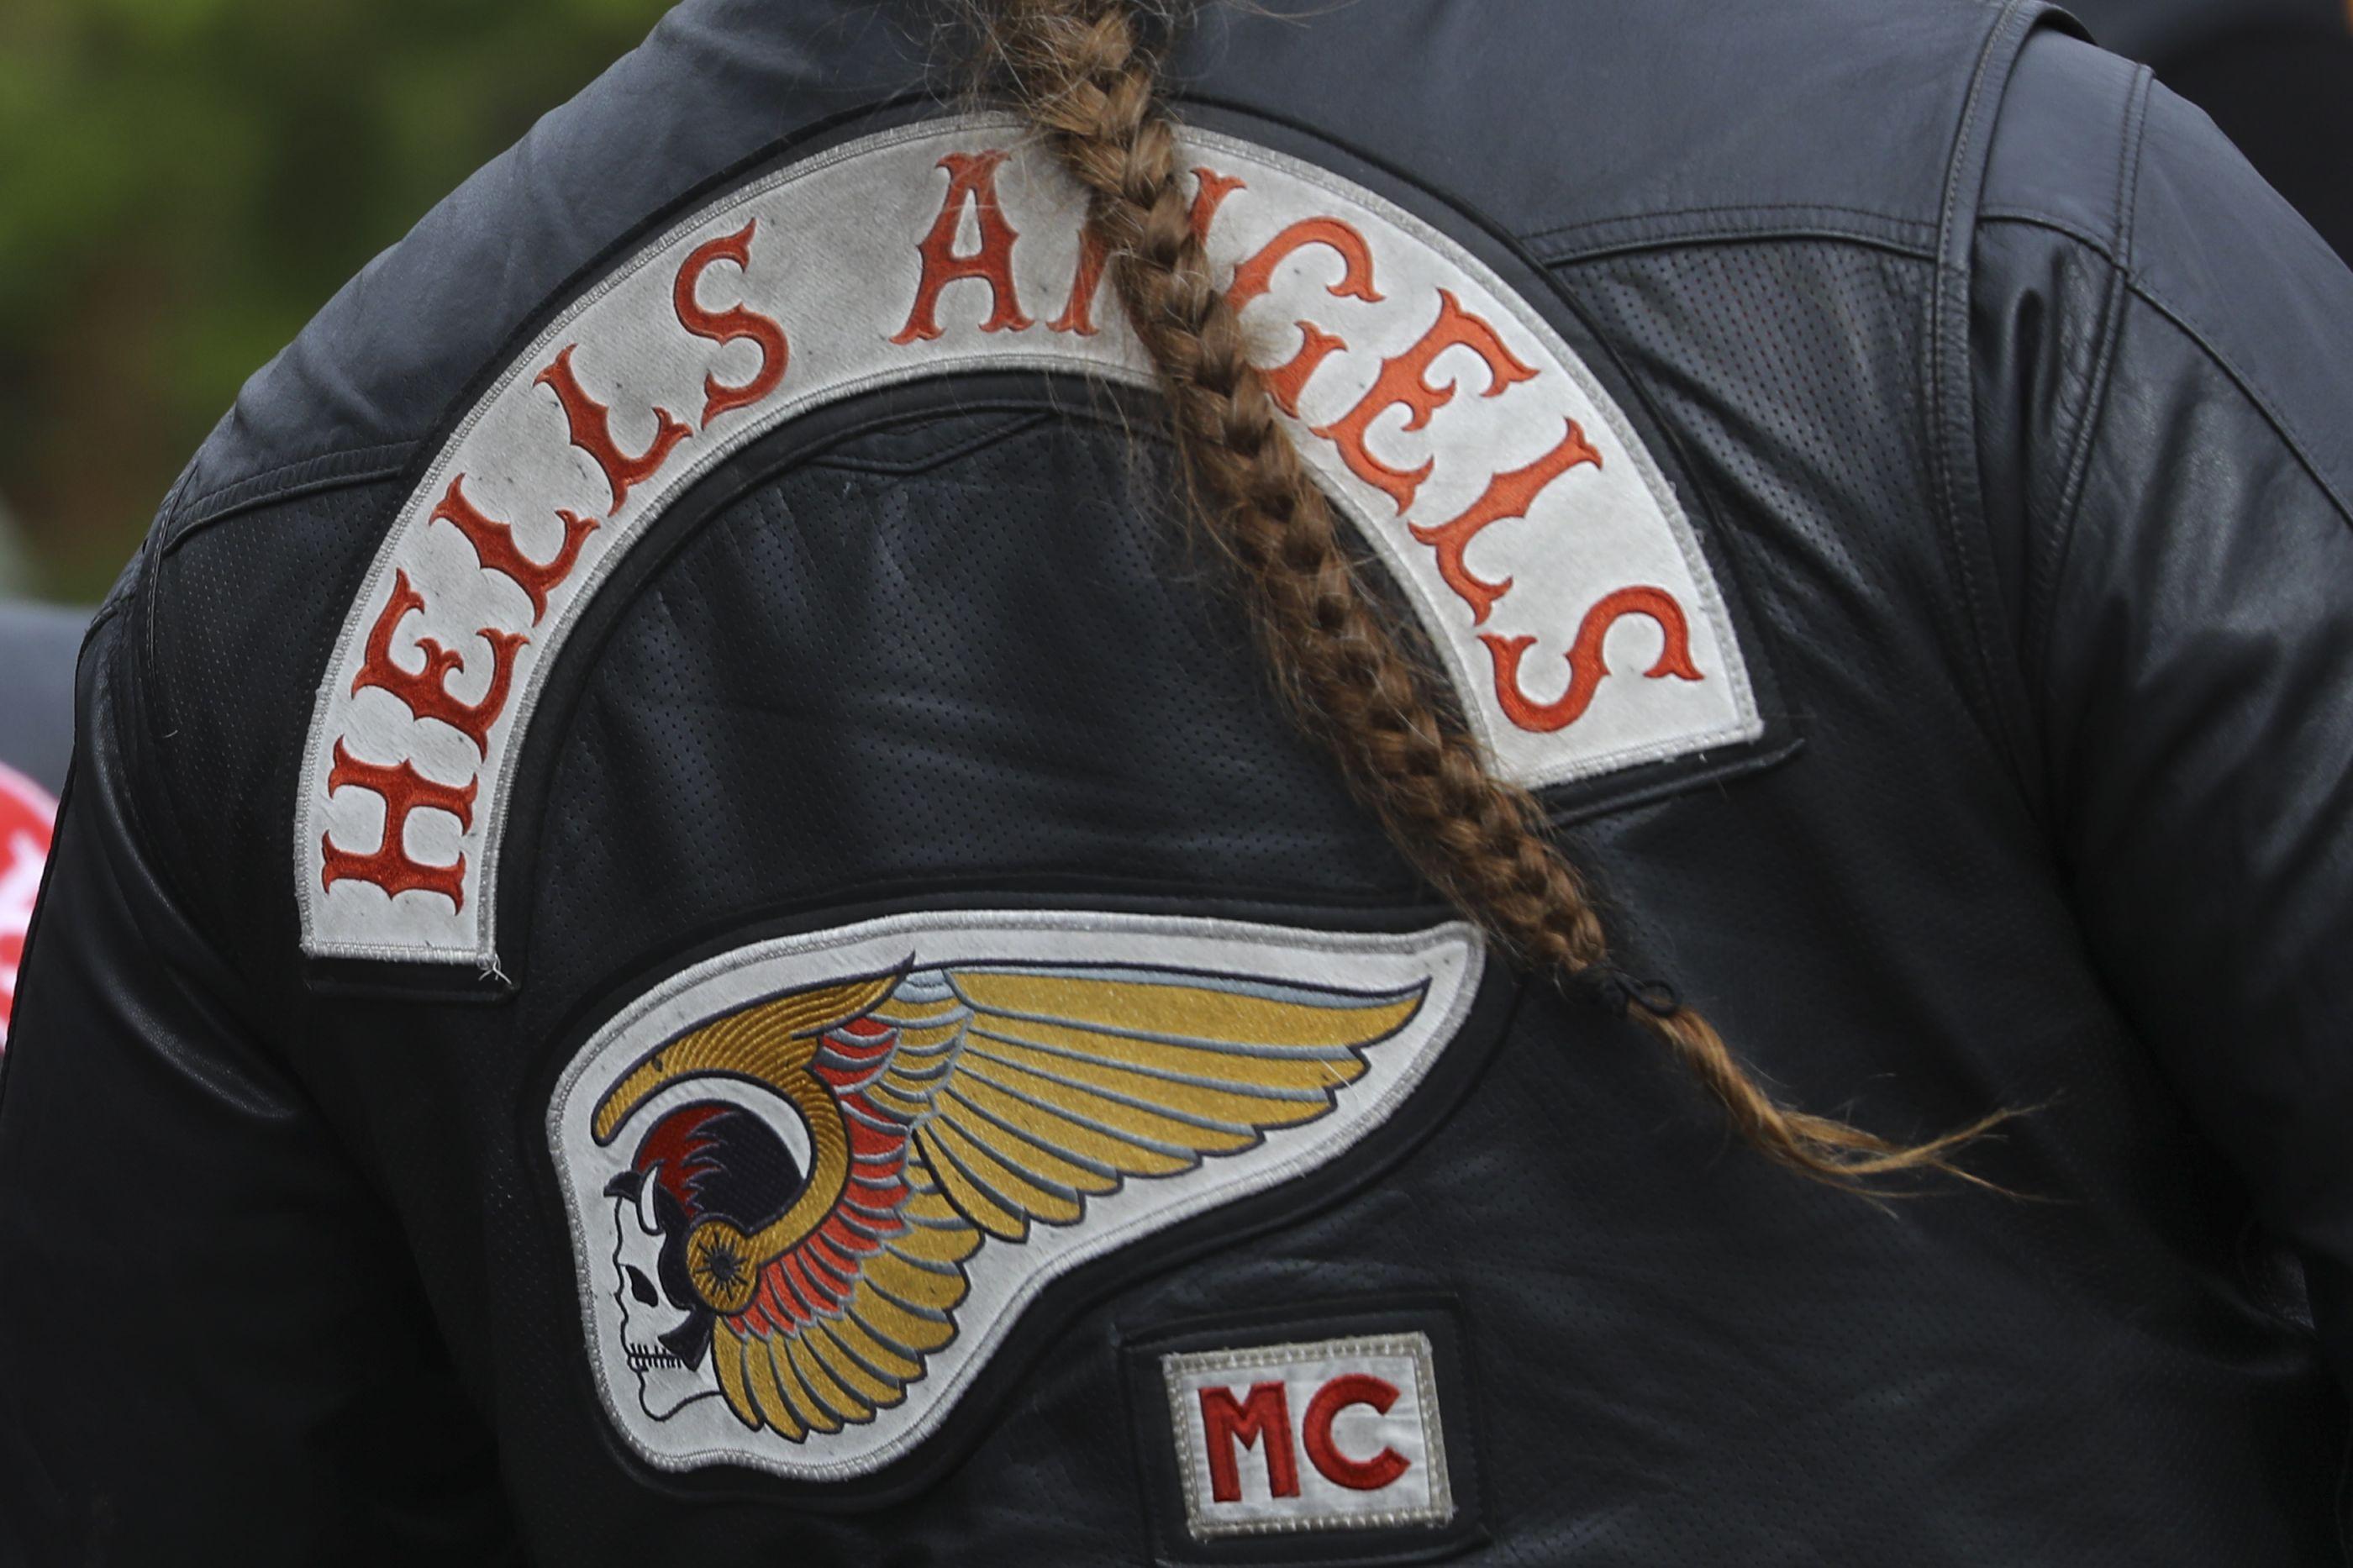 Polícia Judiciária aperta o cerco. Afinal, quem são os Hells Angels?